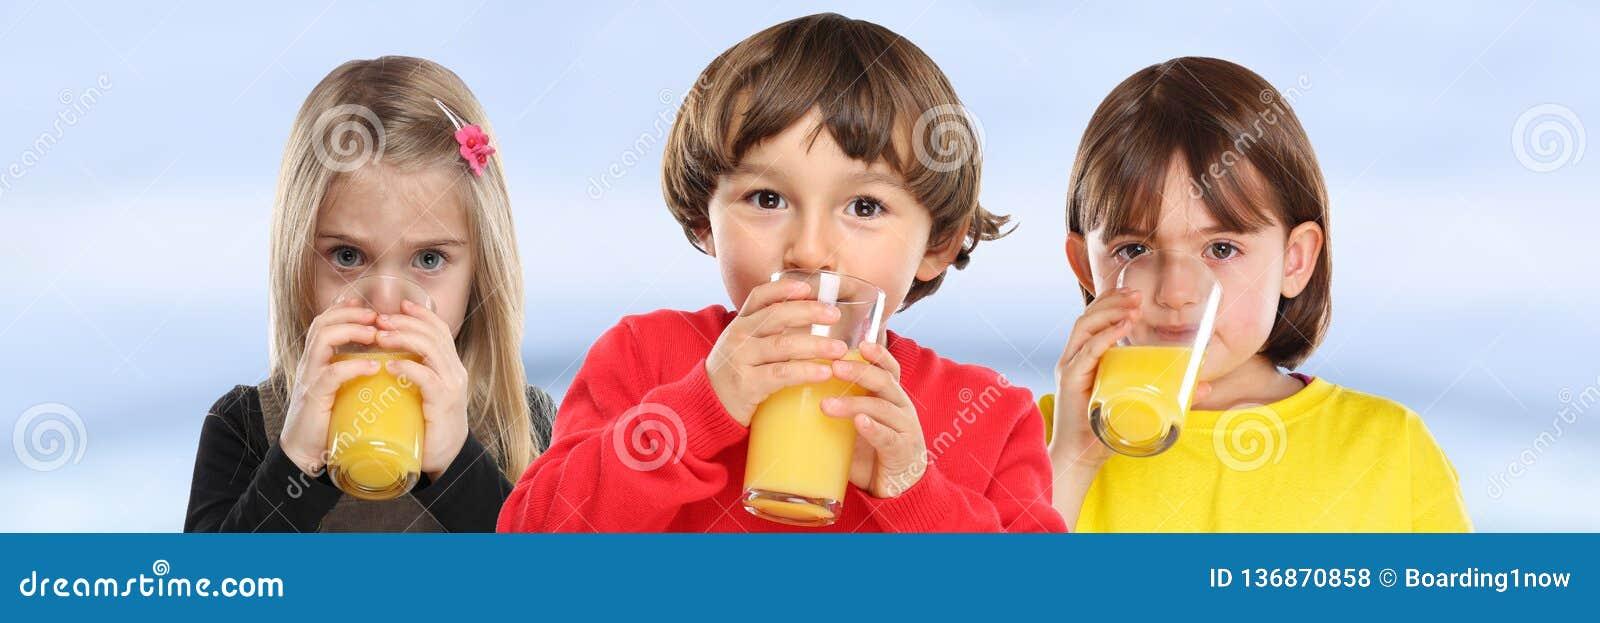 Ομάδα παιδιών αγοριών κοριτσιών παιδιών που πίνουν το υγιές έμβλημα κατανάλωσης χυμού από πορτοκάλι